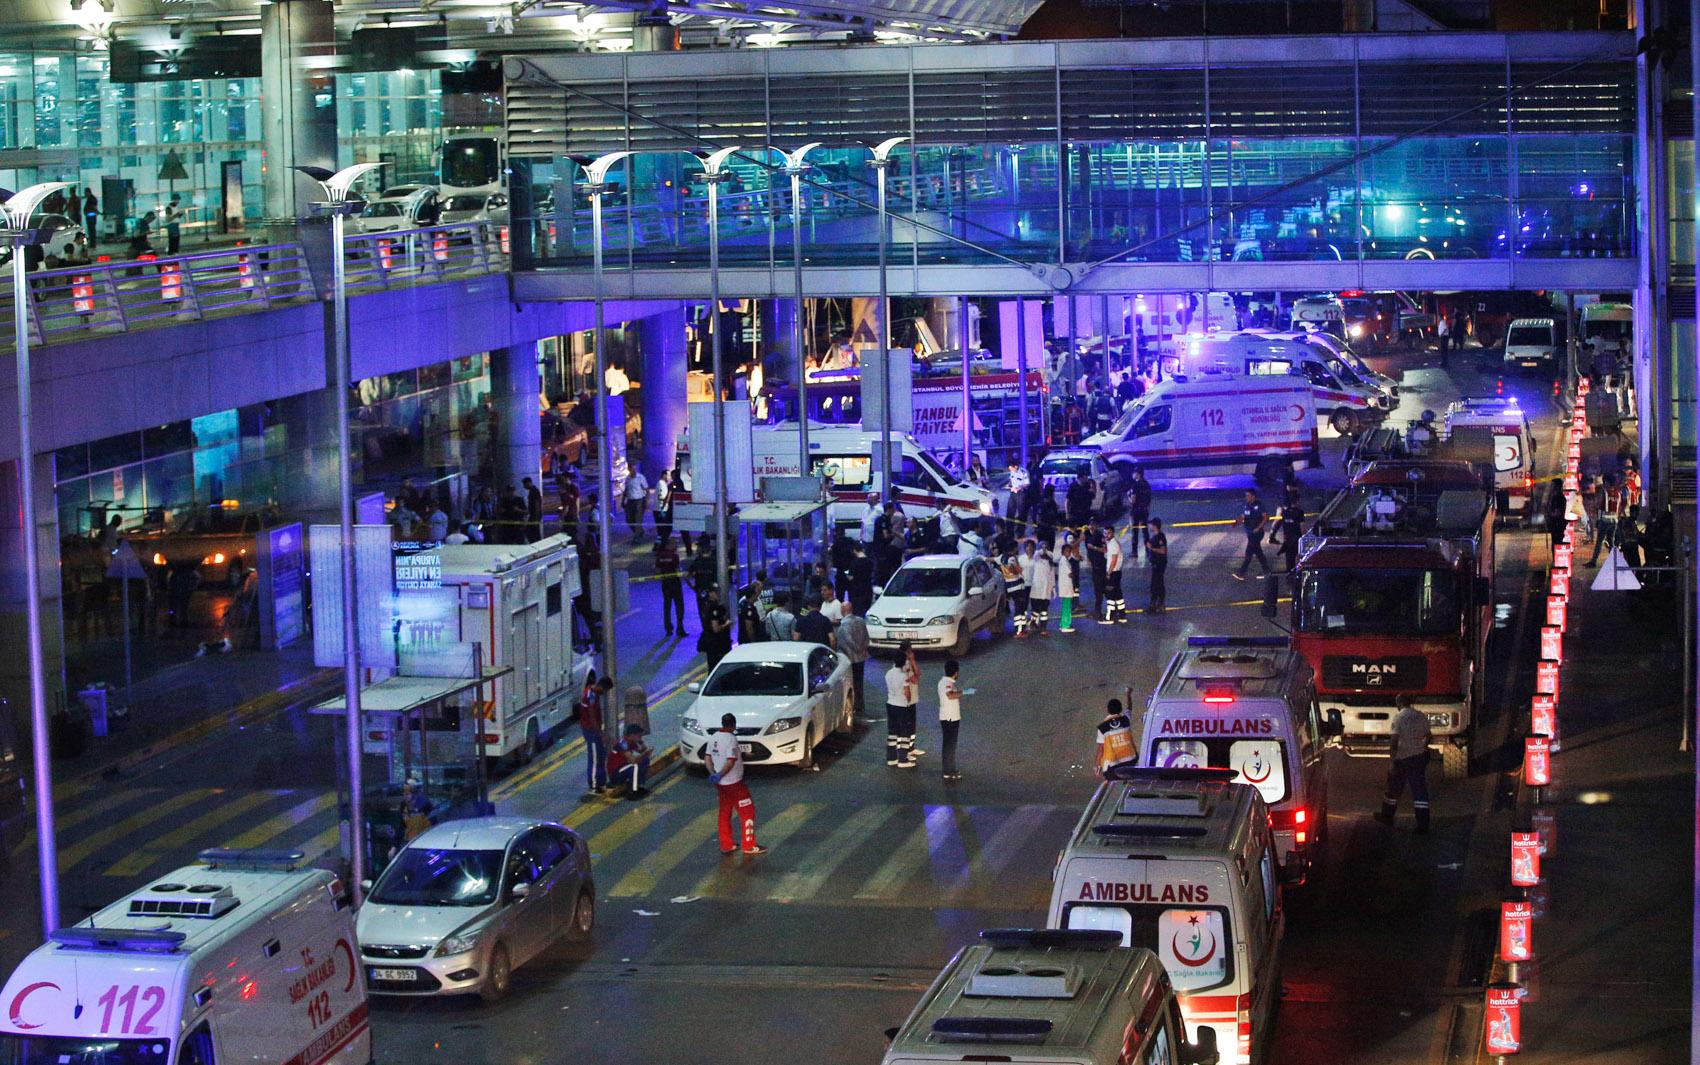 Médicos e equipes de resgata trabalham no atendimento às vítimas das explosões no terminal internacional do aeroporto de Ataturk em Istambul, na Turquia